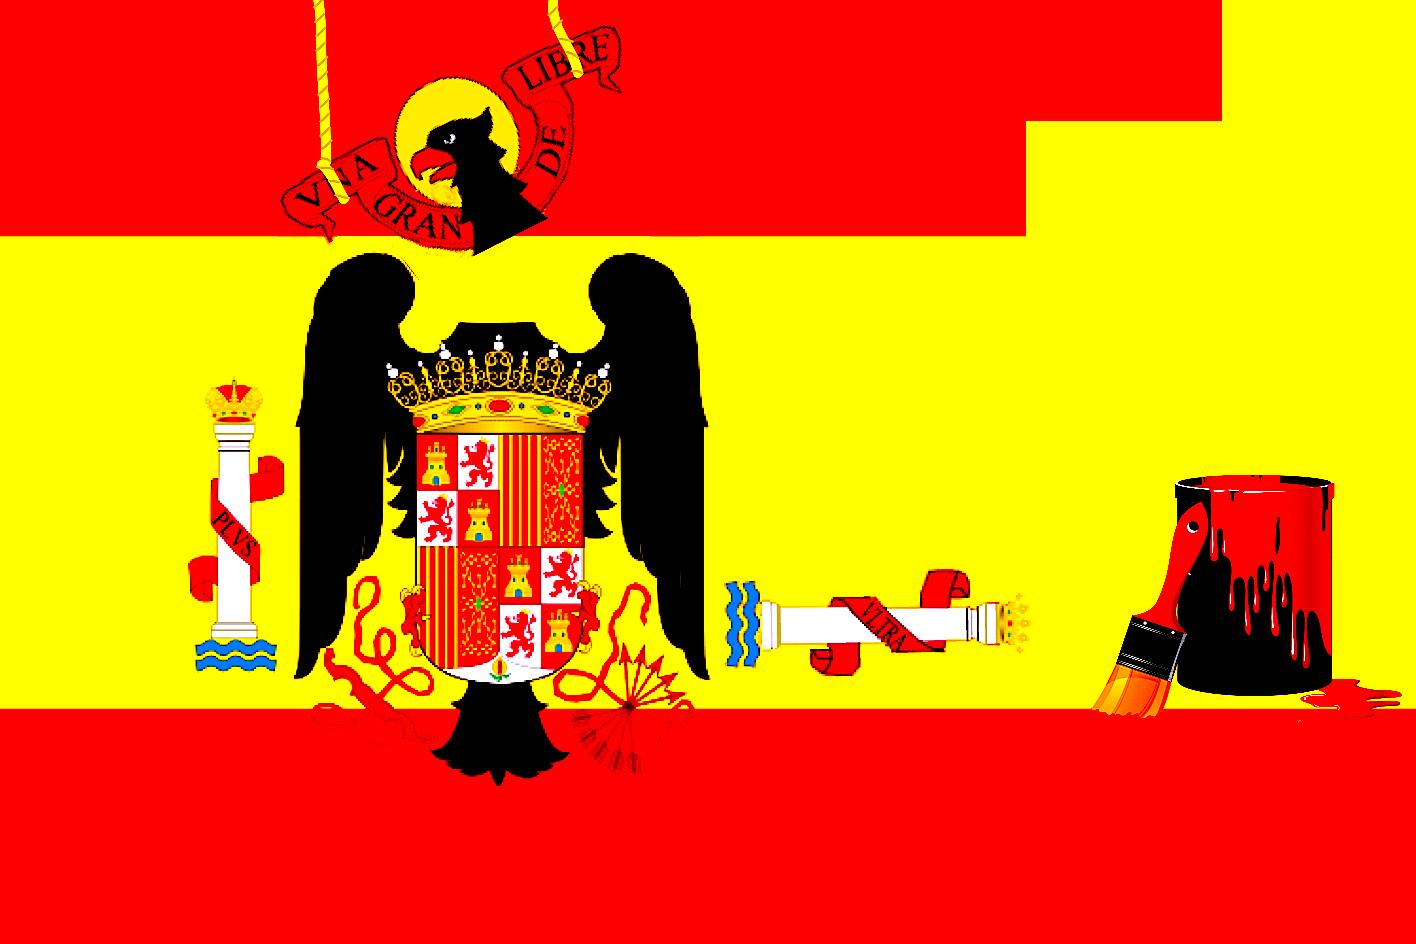 Los ingenieros de Franco: Ciencia, catolicismo y Guerra Fría en el Estado franquista